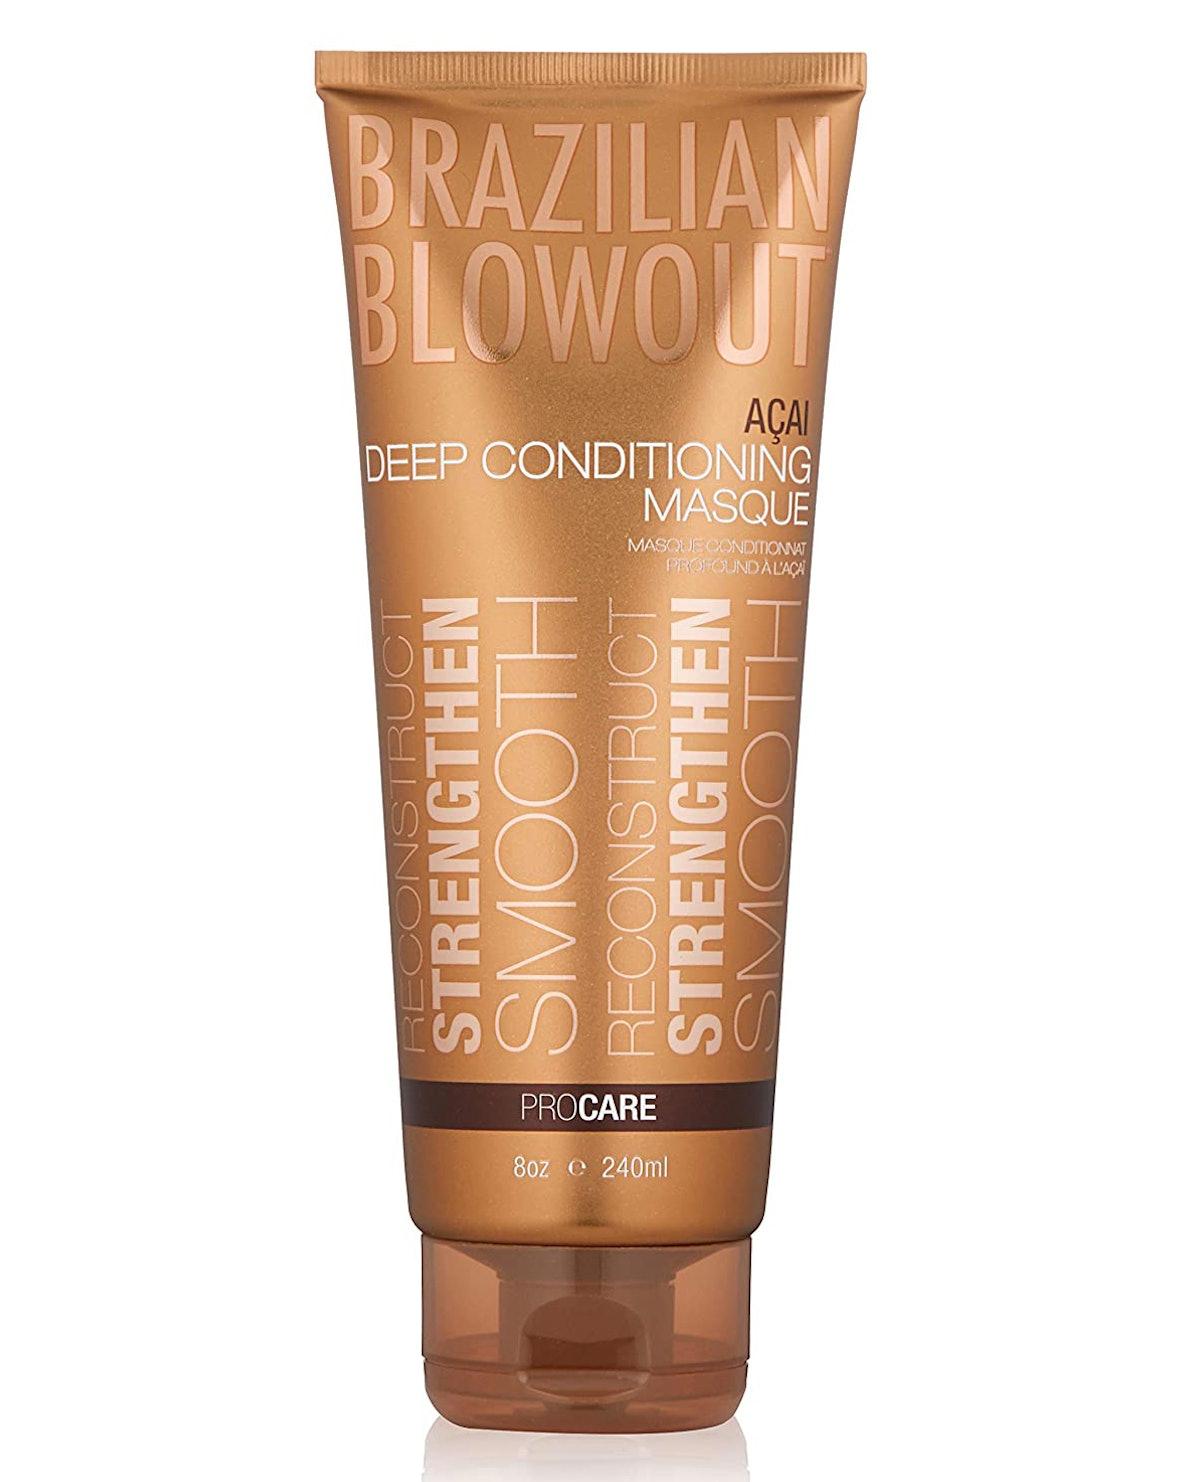 BRAZILIAN BLOWOUT Acai Deep Conditioning Masque